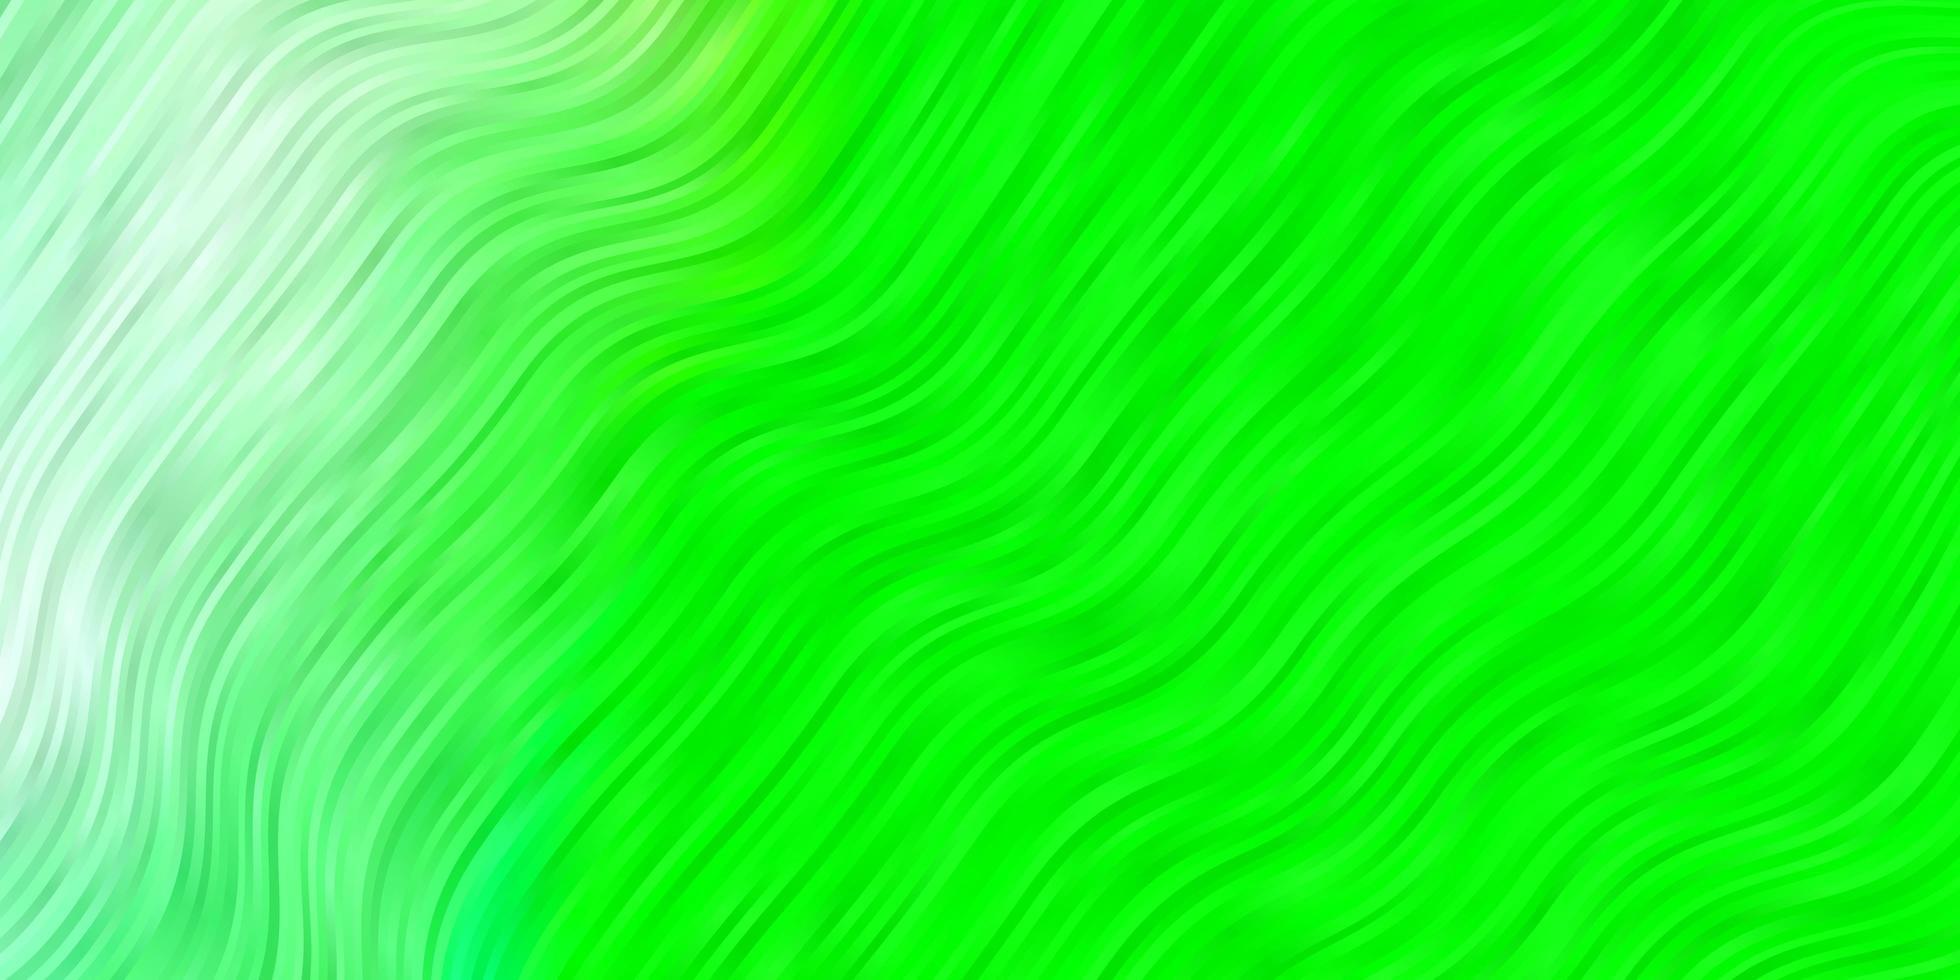 groene textuur met rondingen. vector